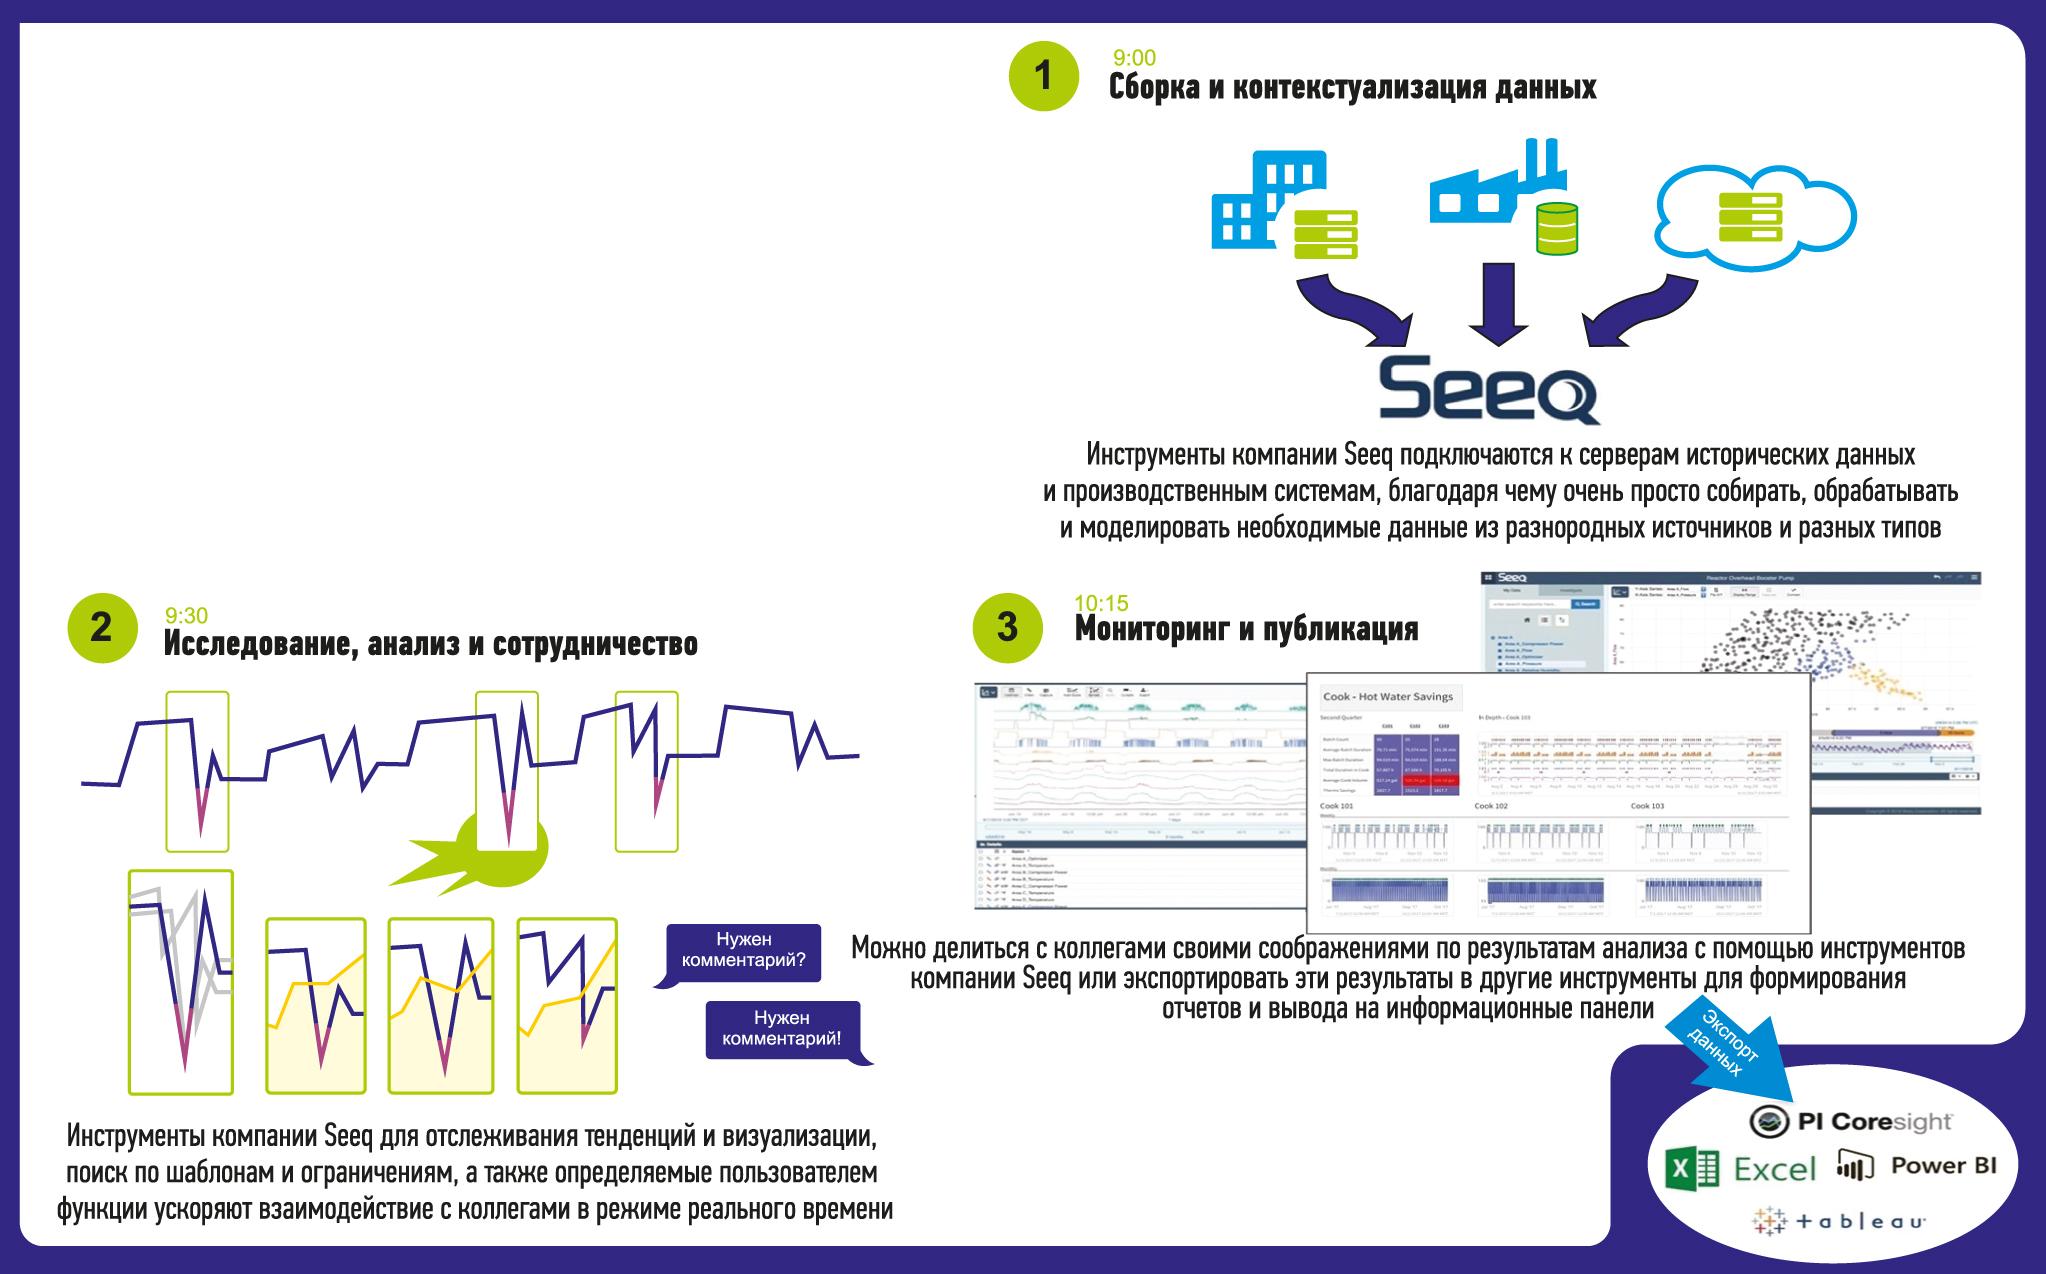 Замена анализа на основе электронных таблиц передовым аналитическим программным обеспечением позволила команде по управлению энергопотреблением быстро получать и обмениваться информацией